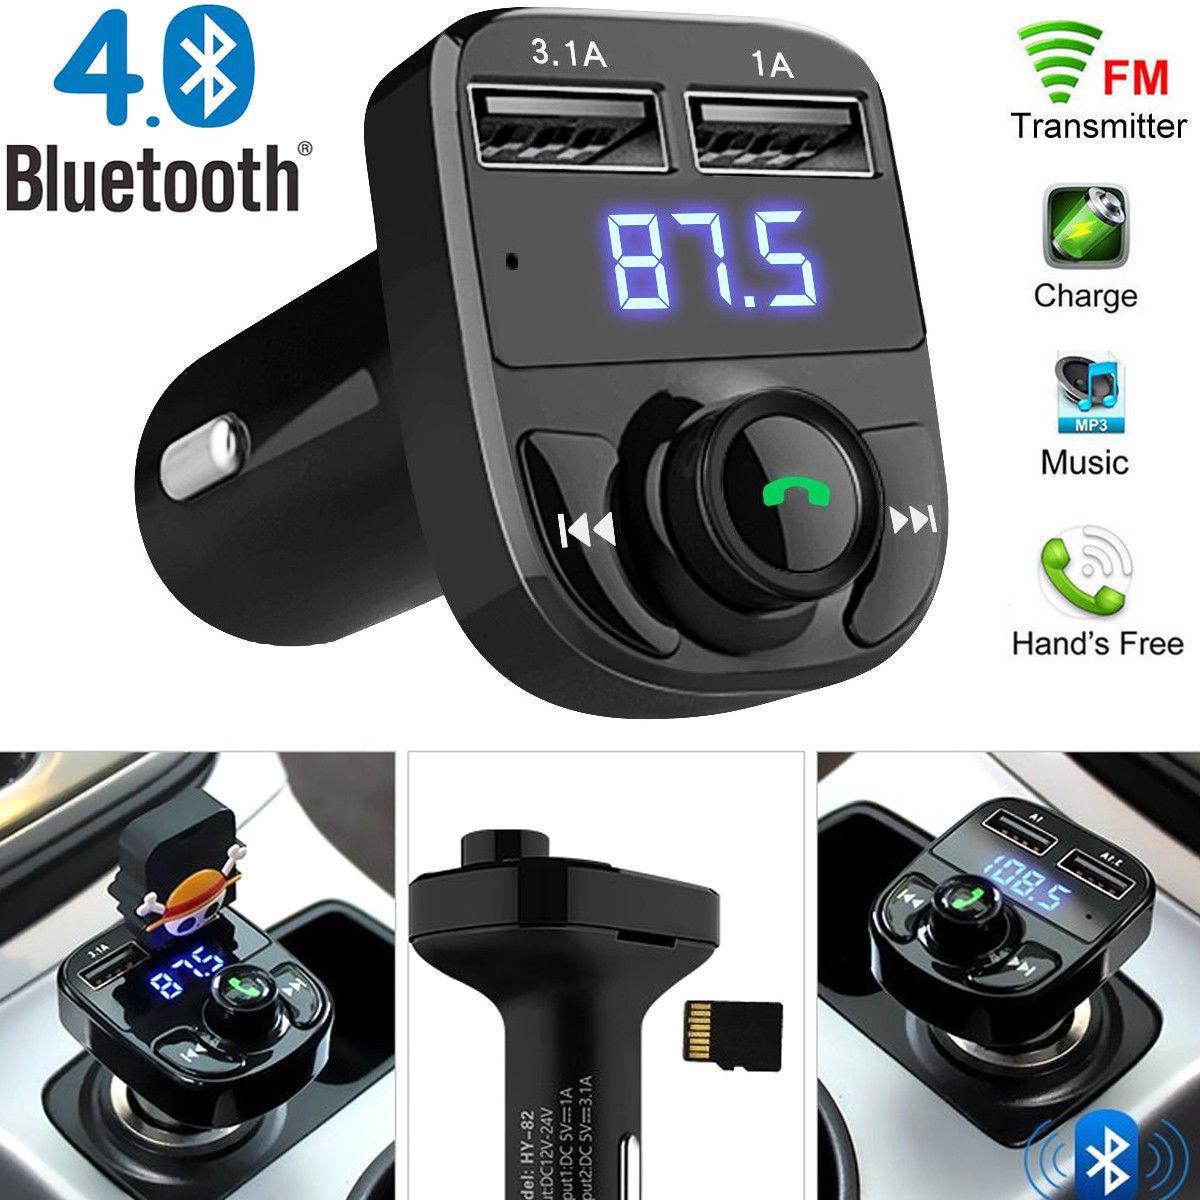 FM-Sender Aux Modulator Bluetooth Freisprecheinrichtung Car Kit Auto Audio MP3-Player mit 3,1A Schnellladung Dual USB-Autoladegerät QC48